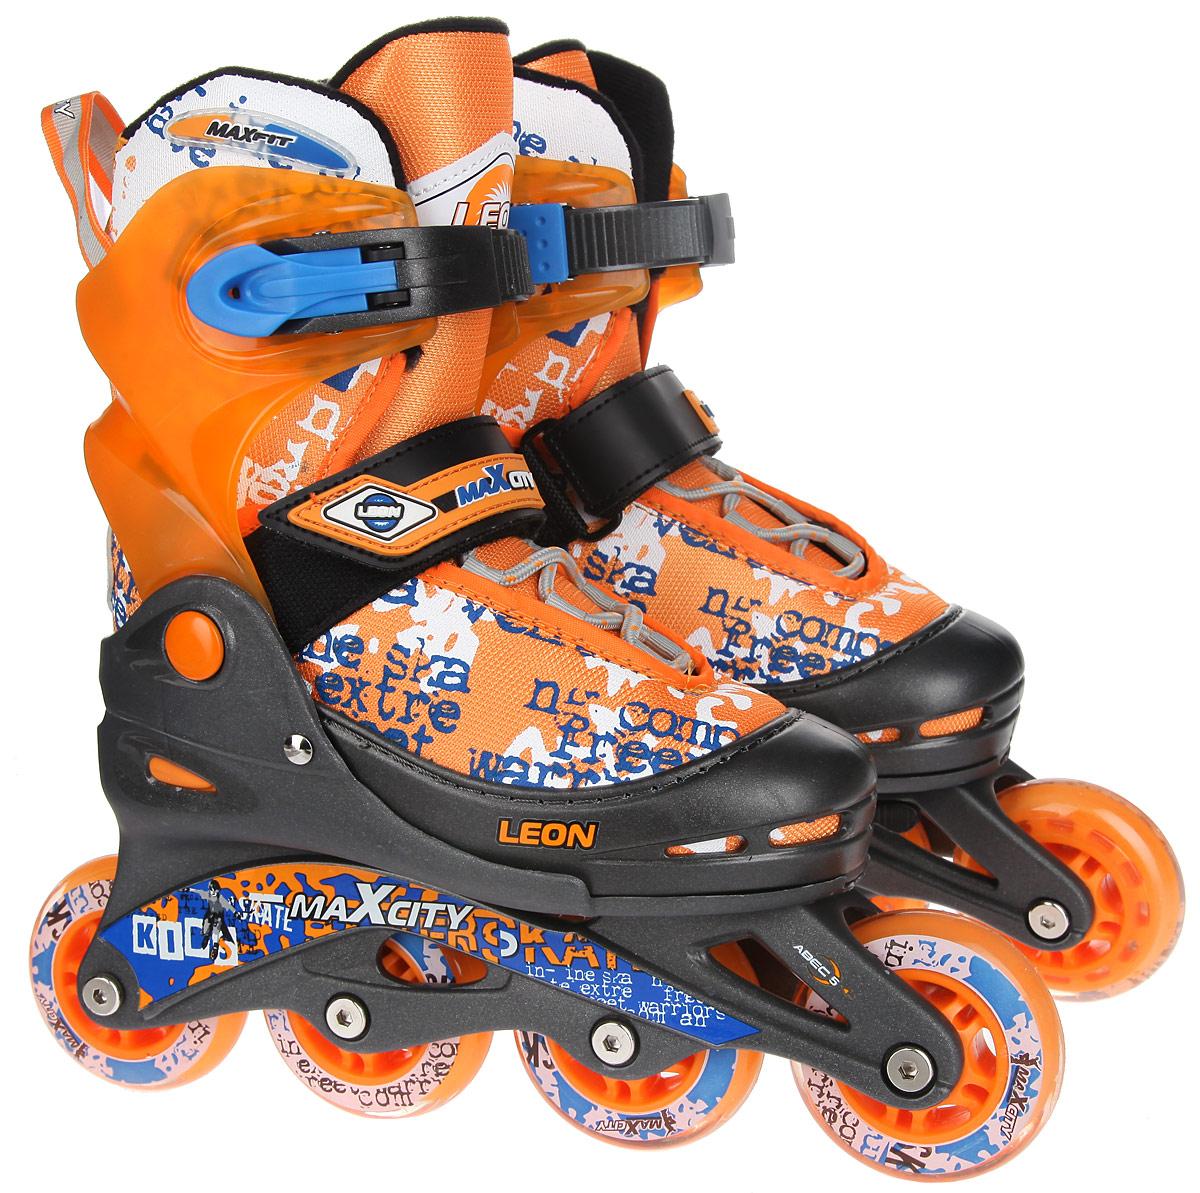 Коньки роликовые MaxCity Leon, раздвижные, цвет: оранжевый, синий, белый. Размер 30/33LEONСтильные роликовые коньки Leon от MaxCity с ярким принтом придутся по душе вашему ребенку. Ботинок конька изготовлен по технологии Max Fit из комбинированных синтетических и полимерных материалов, обеспечивающих максимальную вентиляцию ноги. Анатомически облегченная конструкция ботинка из пластика обеспечивает улучшенную боковую поддержку и полный контроль над движением. Подкладка из мягкого текстиля комфортна при езде. Стелька Hi Dri из ЭВА с бактериальным покрытием обеспечивает комфорт, амортизацию и предотвращает появление запаха. Классическая шнуровка обеспечивает отличную фиксацию на ноге. Также модель оснащена ремешком с липучкой на подъеме, на голенище - клипсой с фиксатором. Пластиковая рама почти не уступает в прочности металлической, но амортизирует не только усилие ноги, но и неровности дорожного покрытия, и не позволяет быстро разгоняться. Мягкие полиуретановые колеса обеспечат плавное и бесшумное движение. Износостойкие подшипники класса ABEC 5 наименее восприимчивы к...